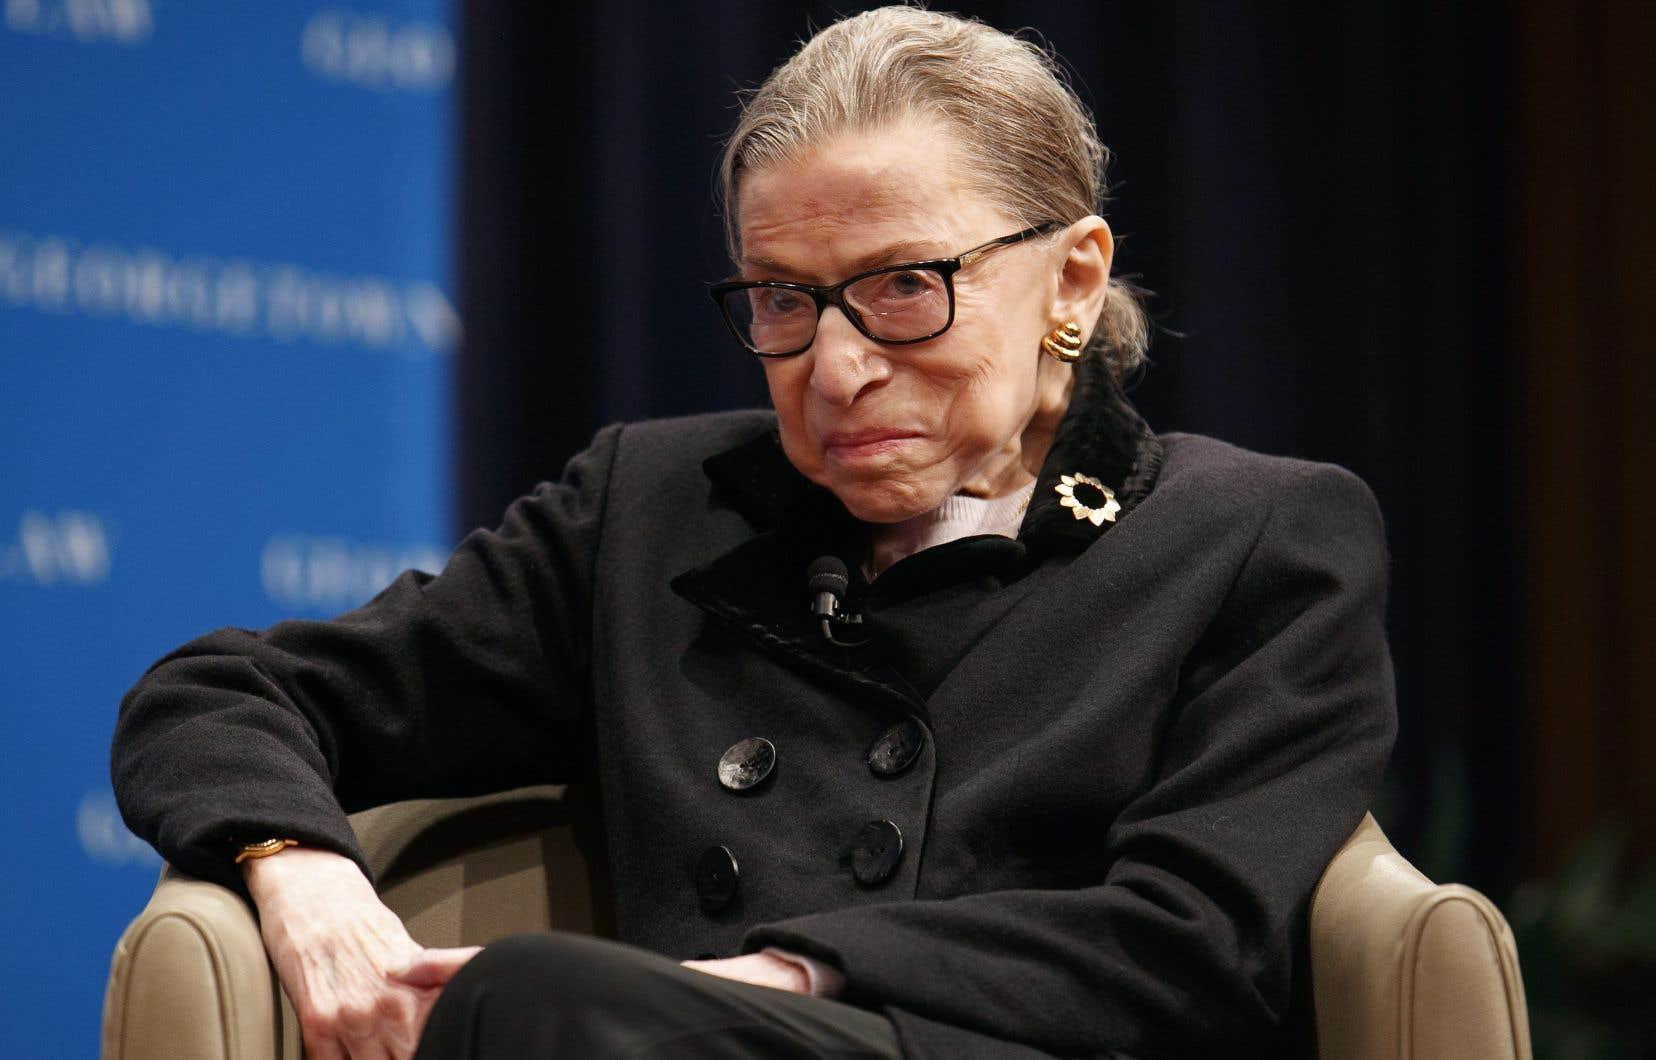 La juge Ruth Bader Ginsburg, l'une des quatre juges progressistes sur les neuf de la Cour suprême, est reconnue pour ses combats pour la cause des femmes, des minorités et de l'environnement.